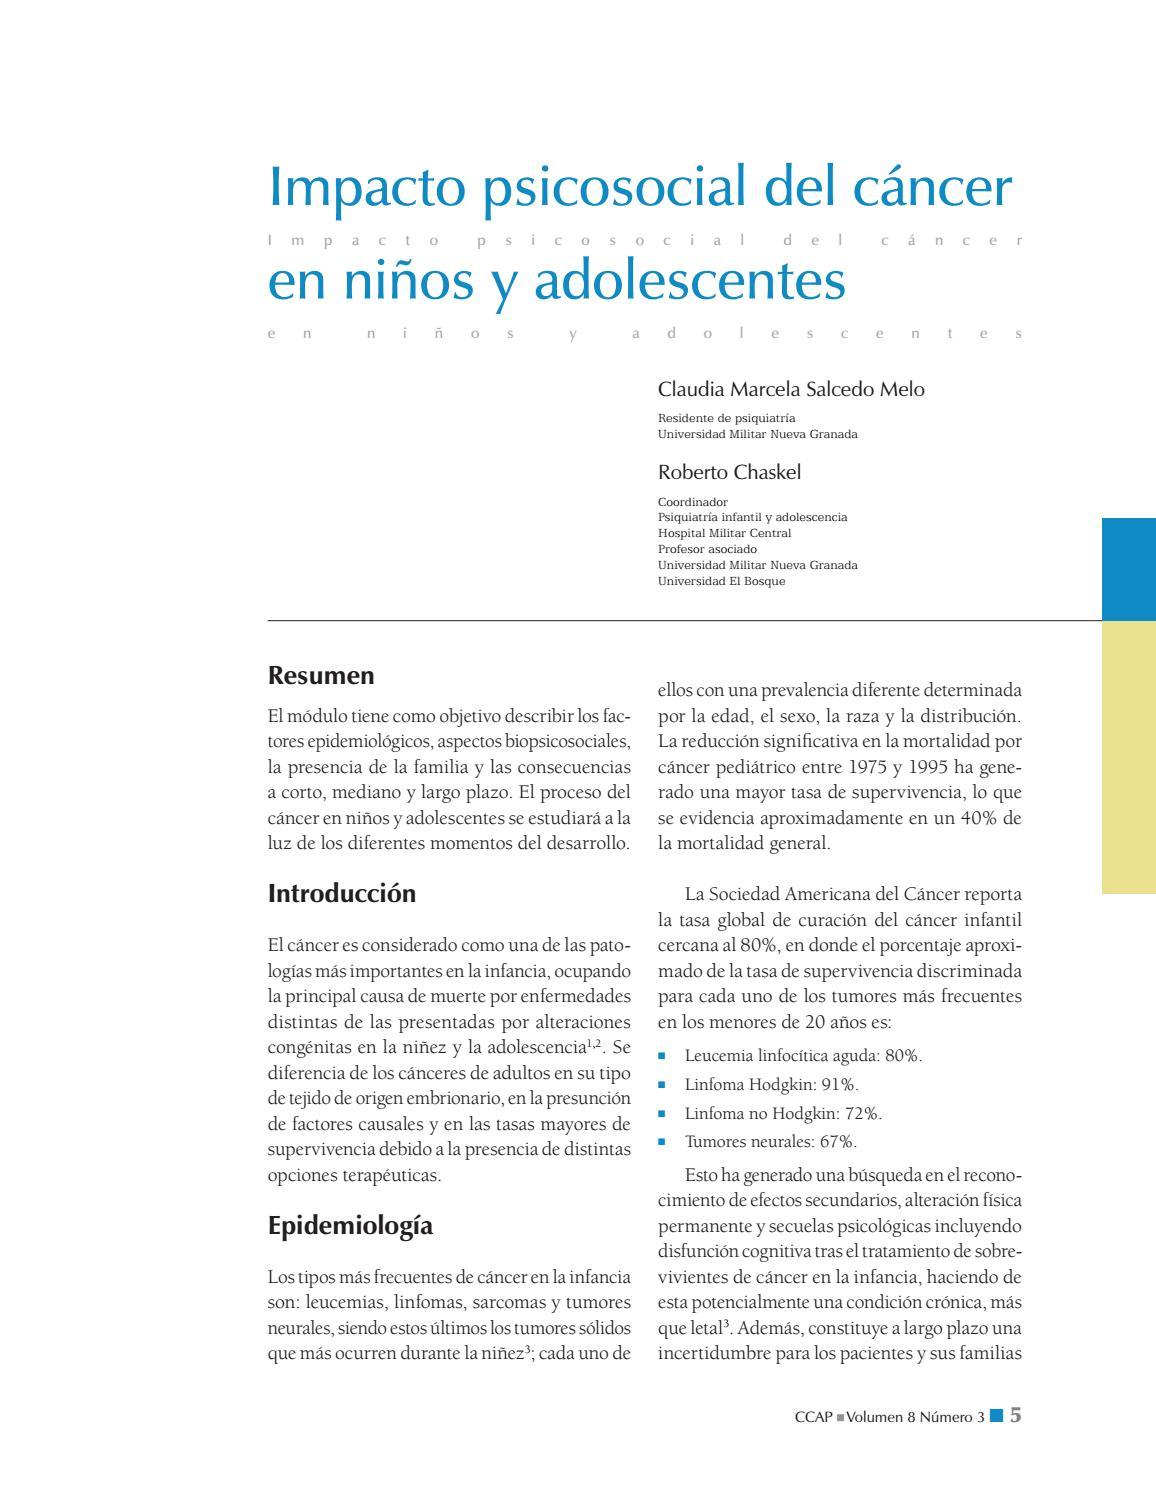 Impacto Psicosocial Del Cáncer En Niños Y Adolescentes By Sociedad Colombiana De Pediatría Issuu